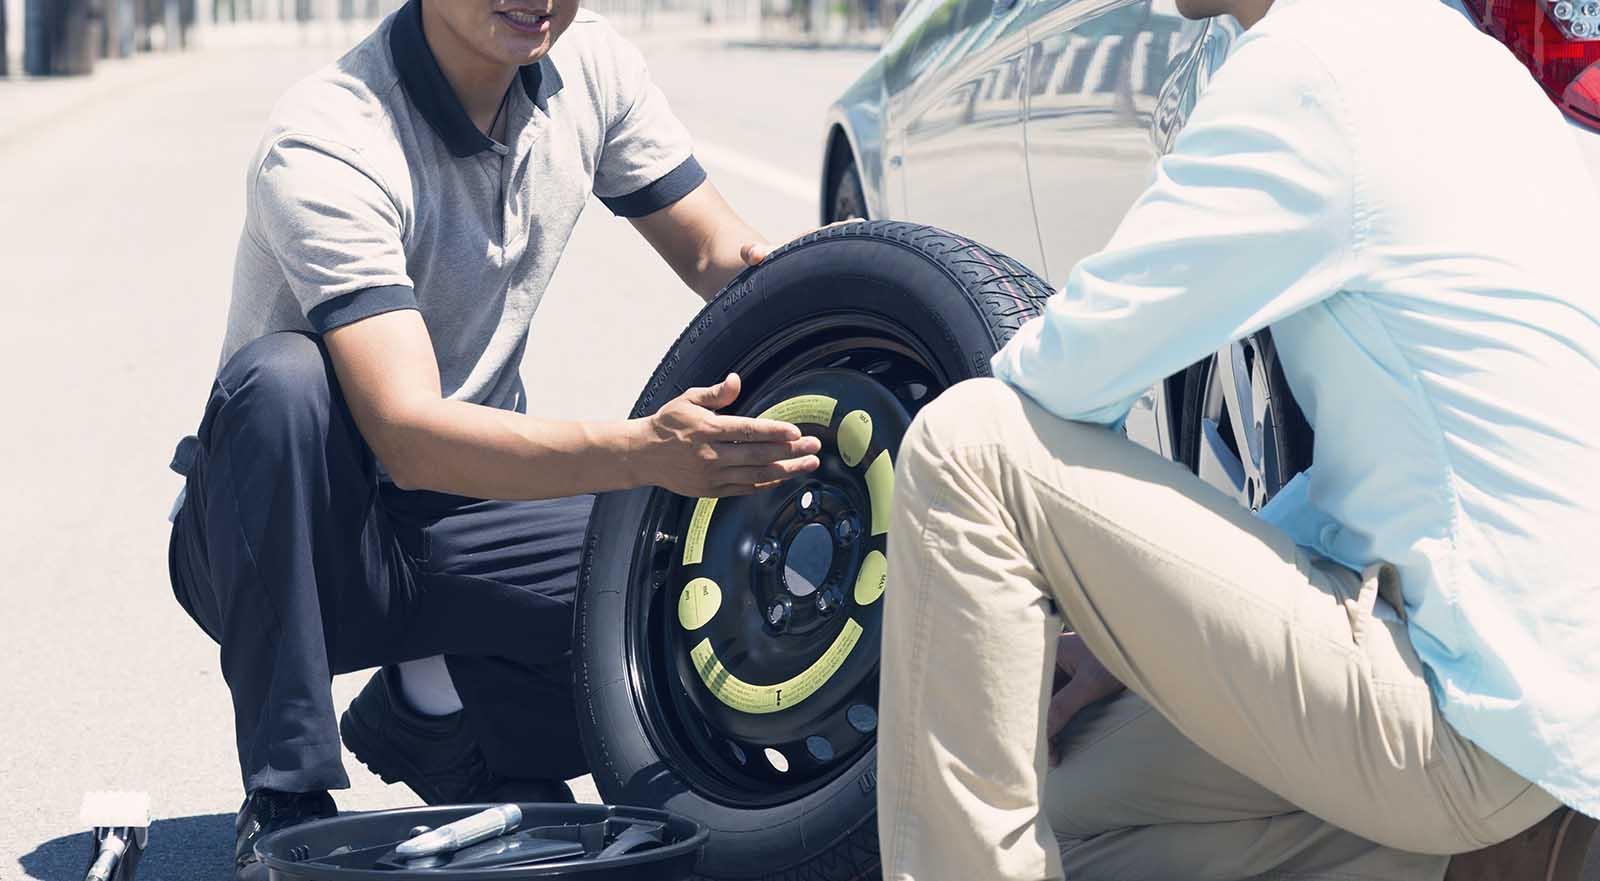 Αλλαγή ελαστικών αυτοκινήτου